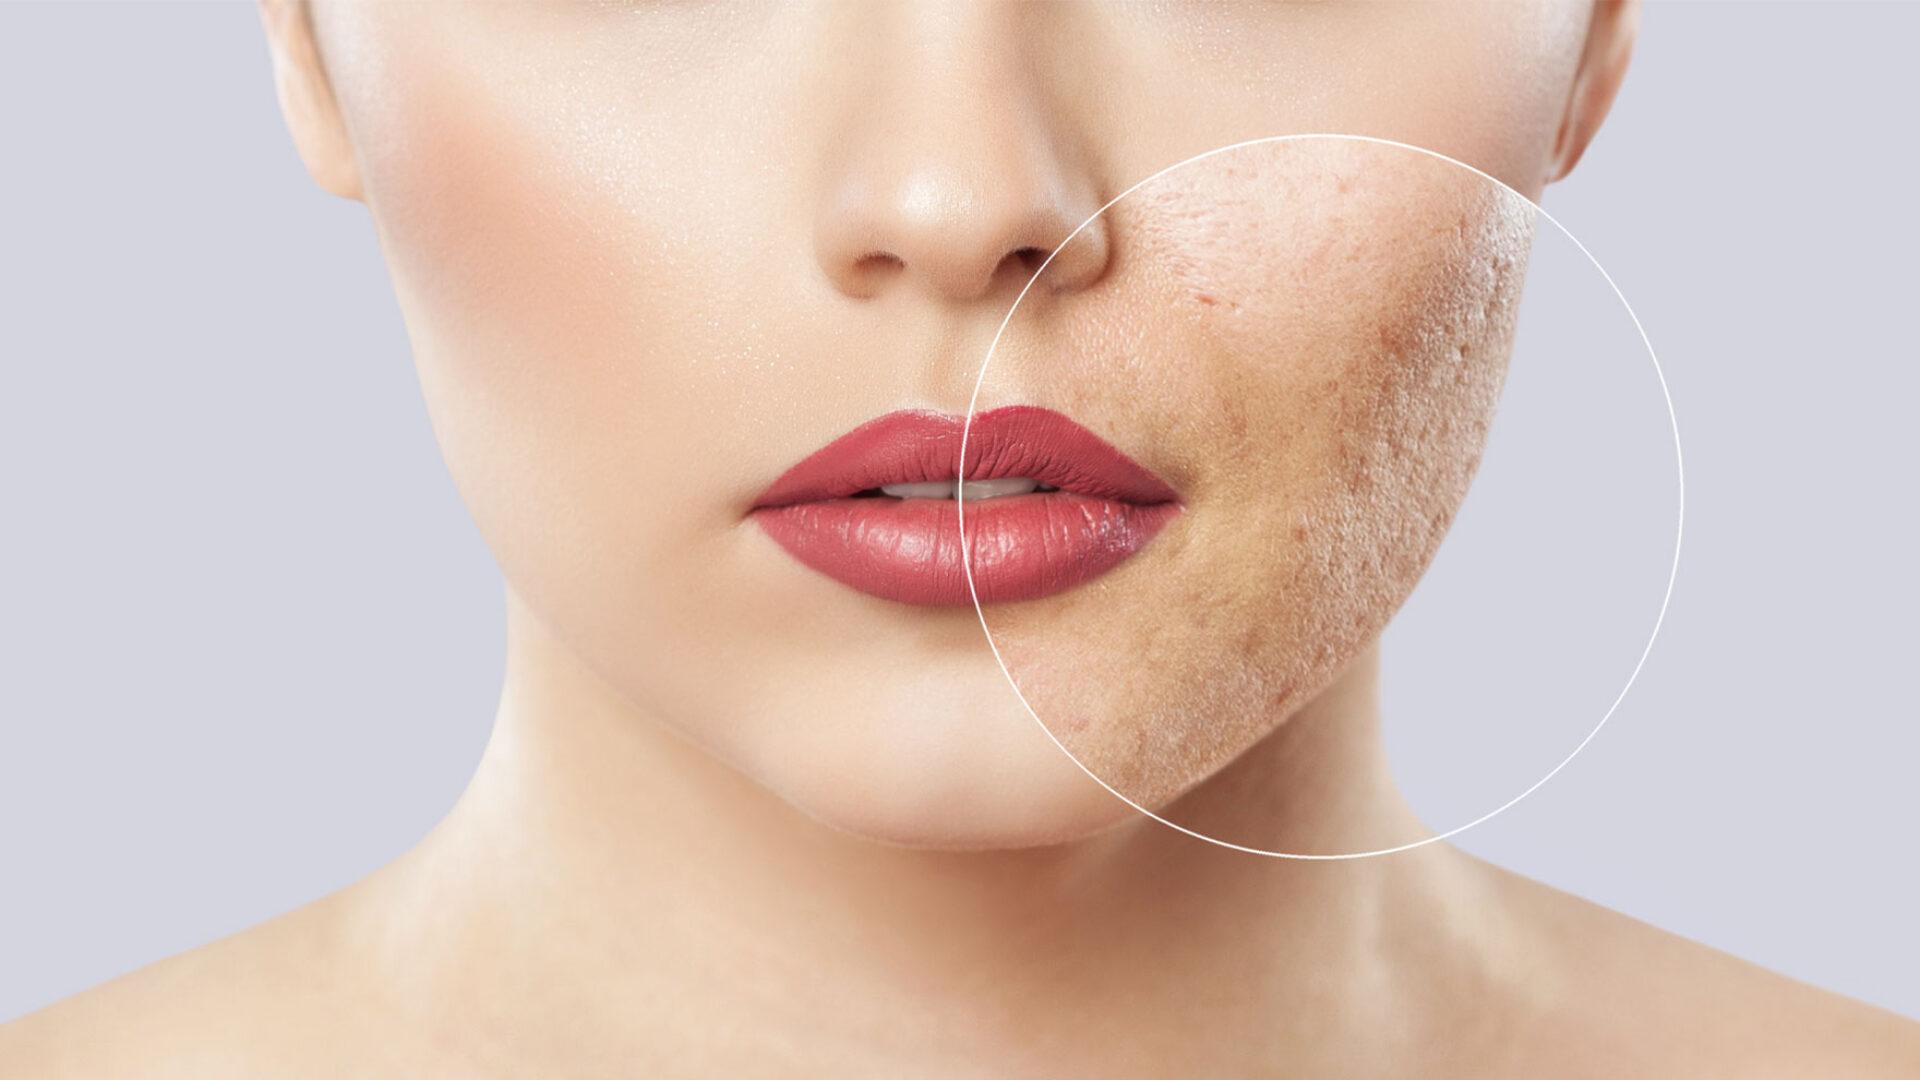 Haut mit Akne